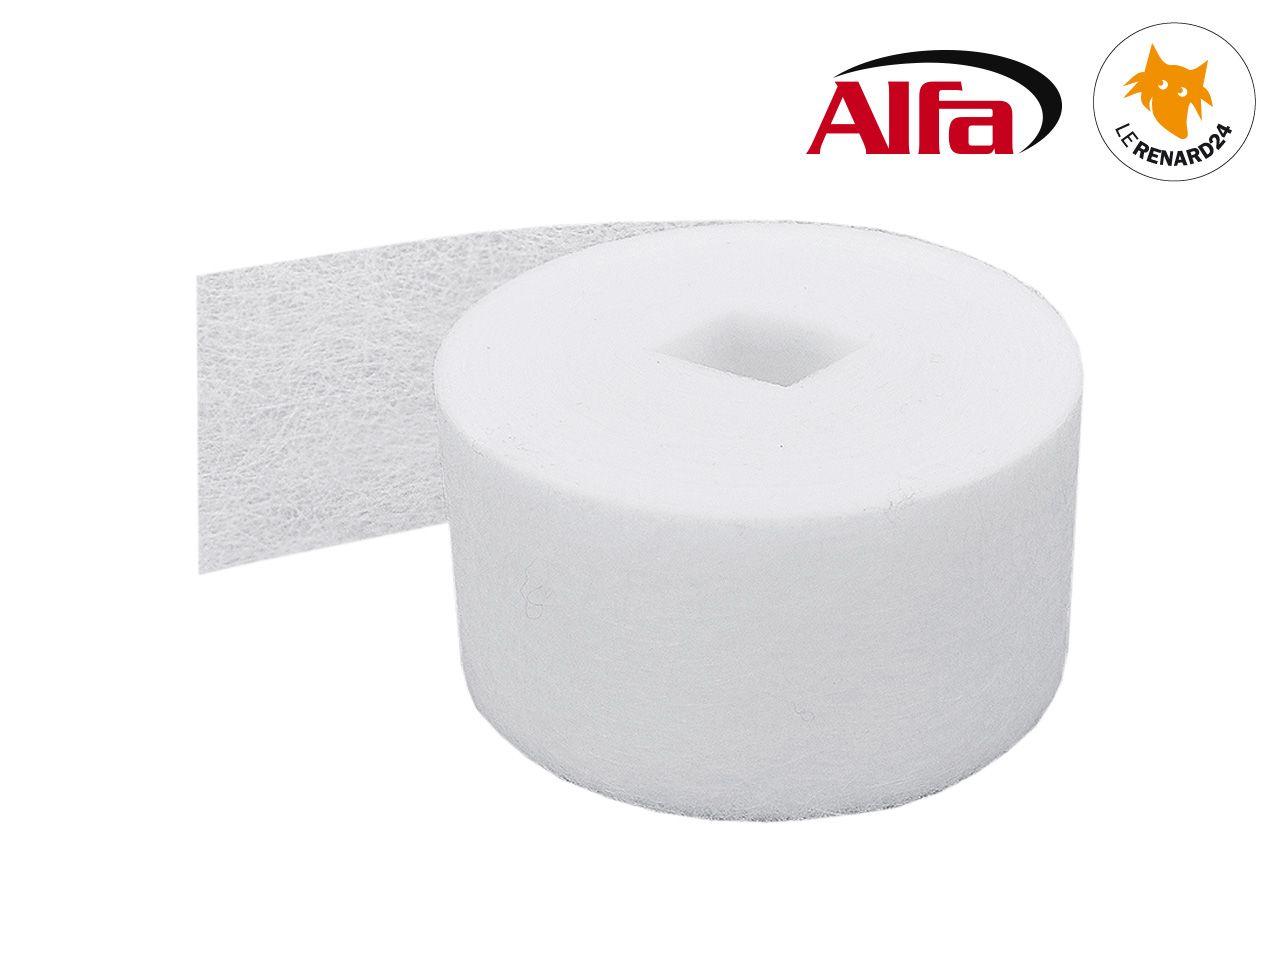 546 ALFA - Bande à joint plaque de plâtre en fibre de verre